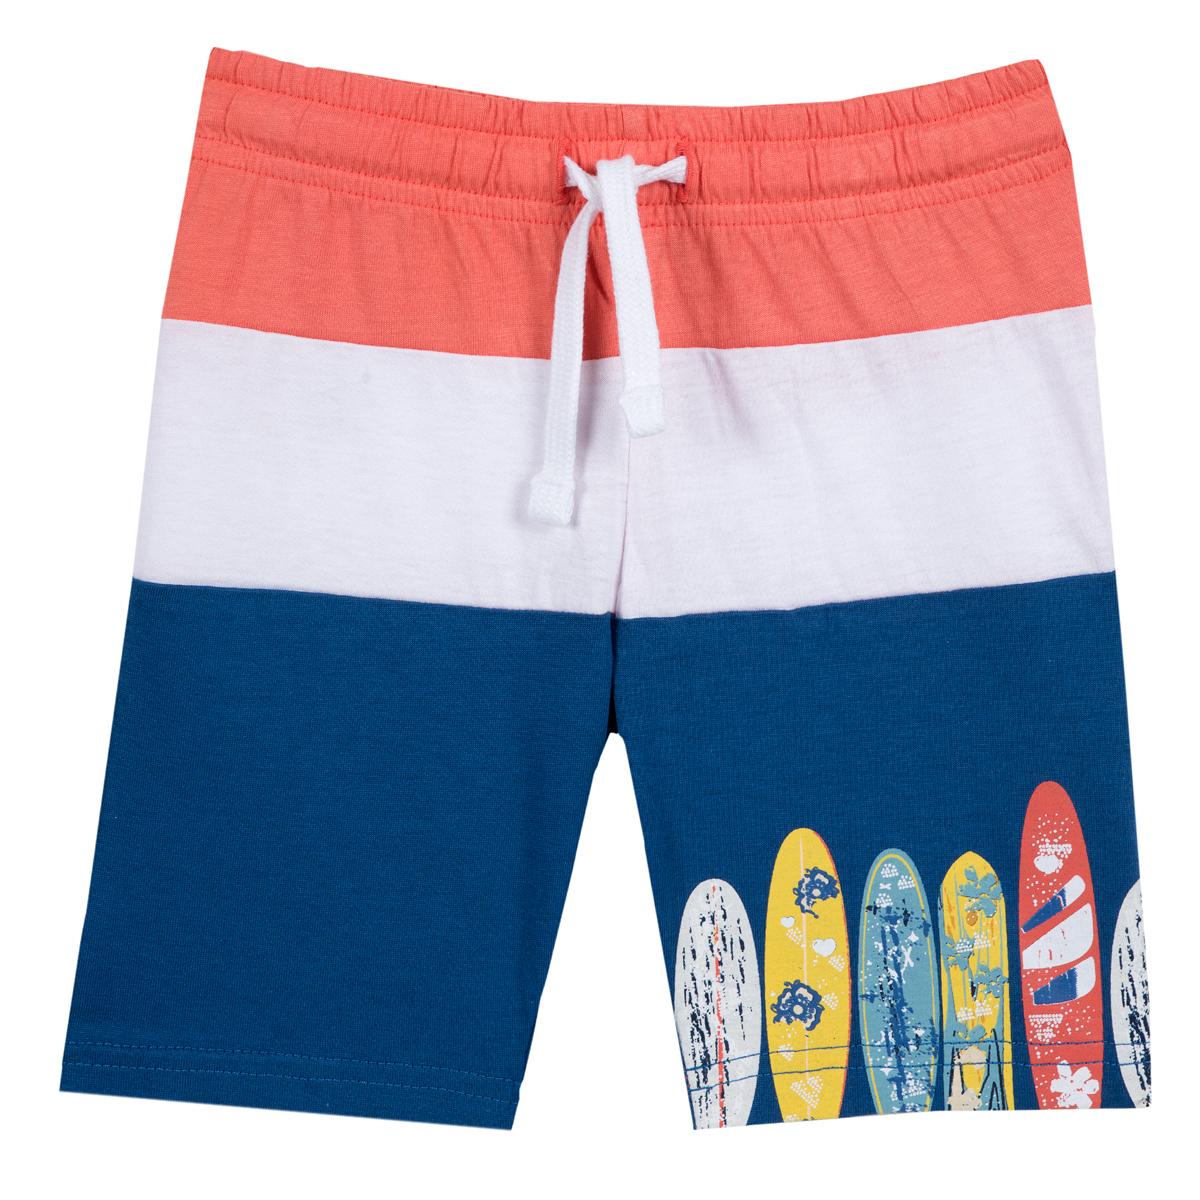 Pantalon Scurt Pentru Plaja Baieti Chicco, Cu Snur, Albastru Deschis, 52783 imagine